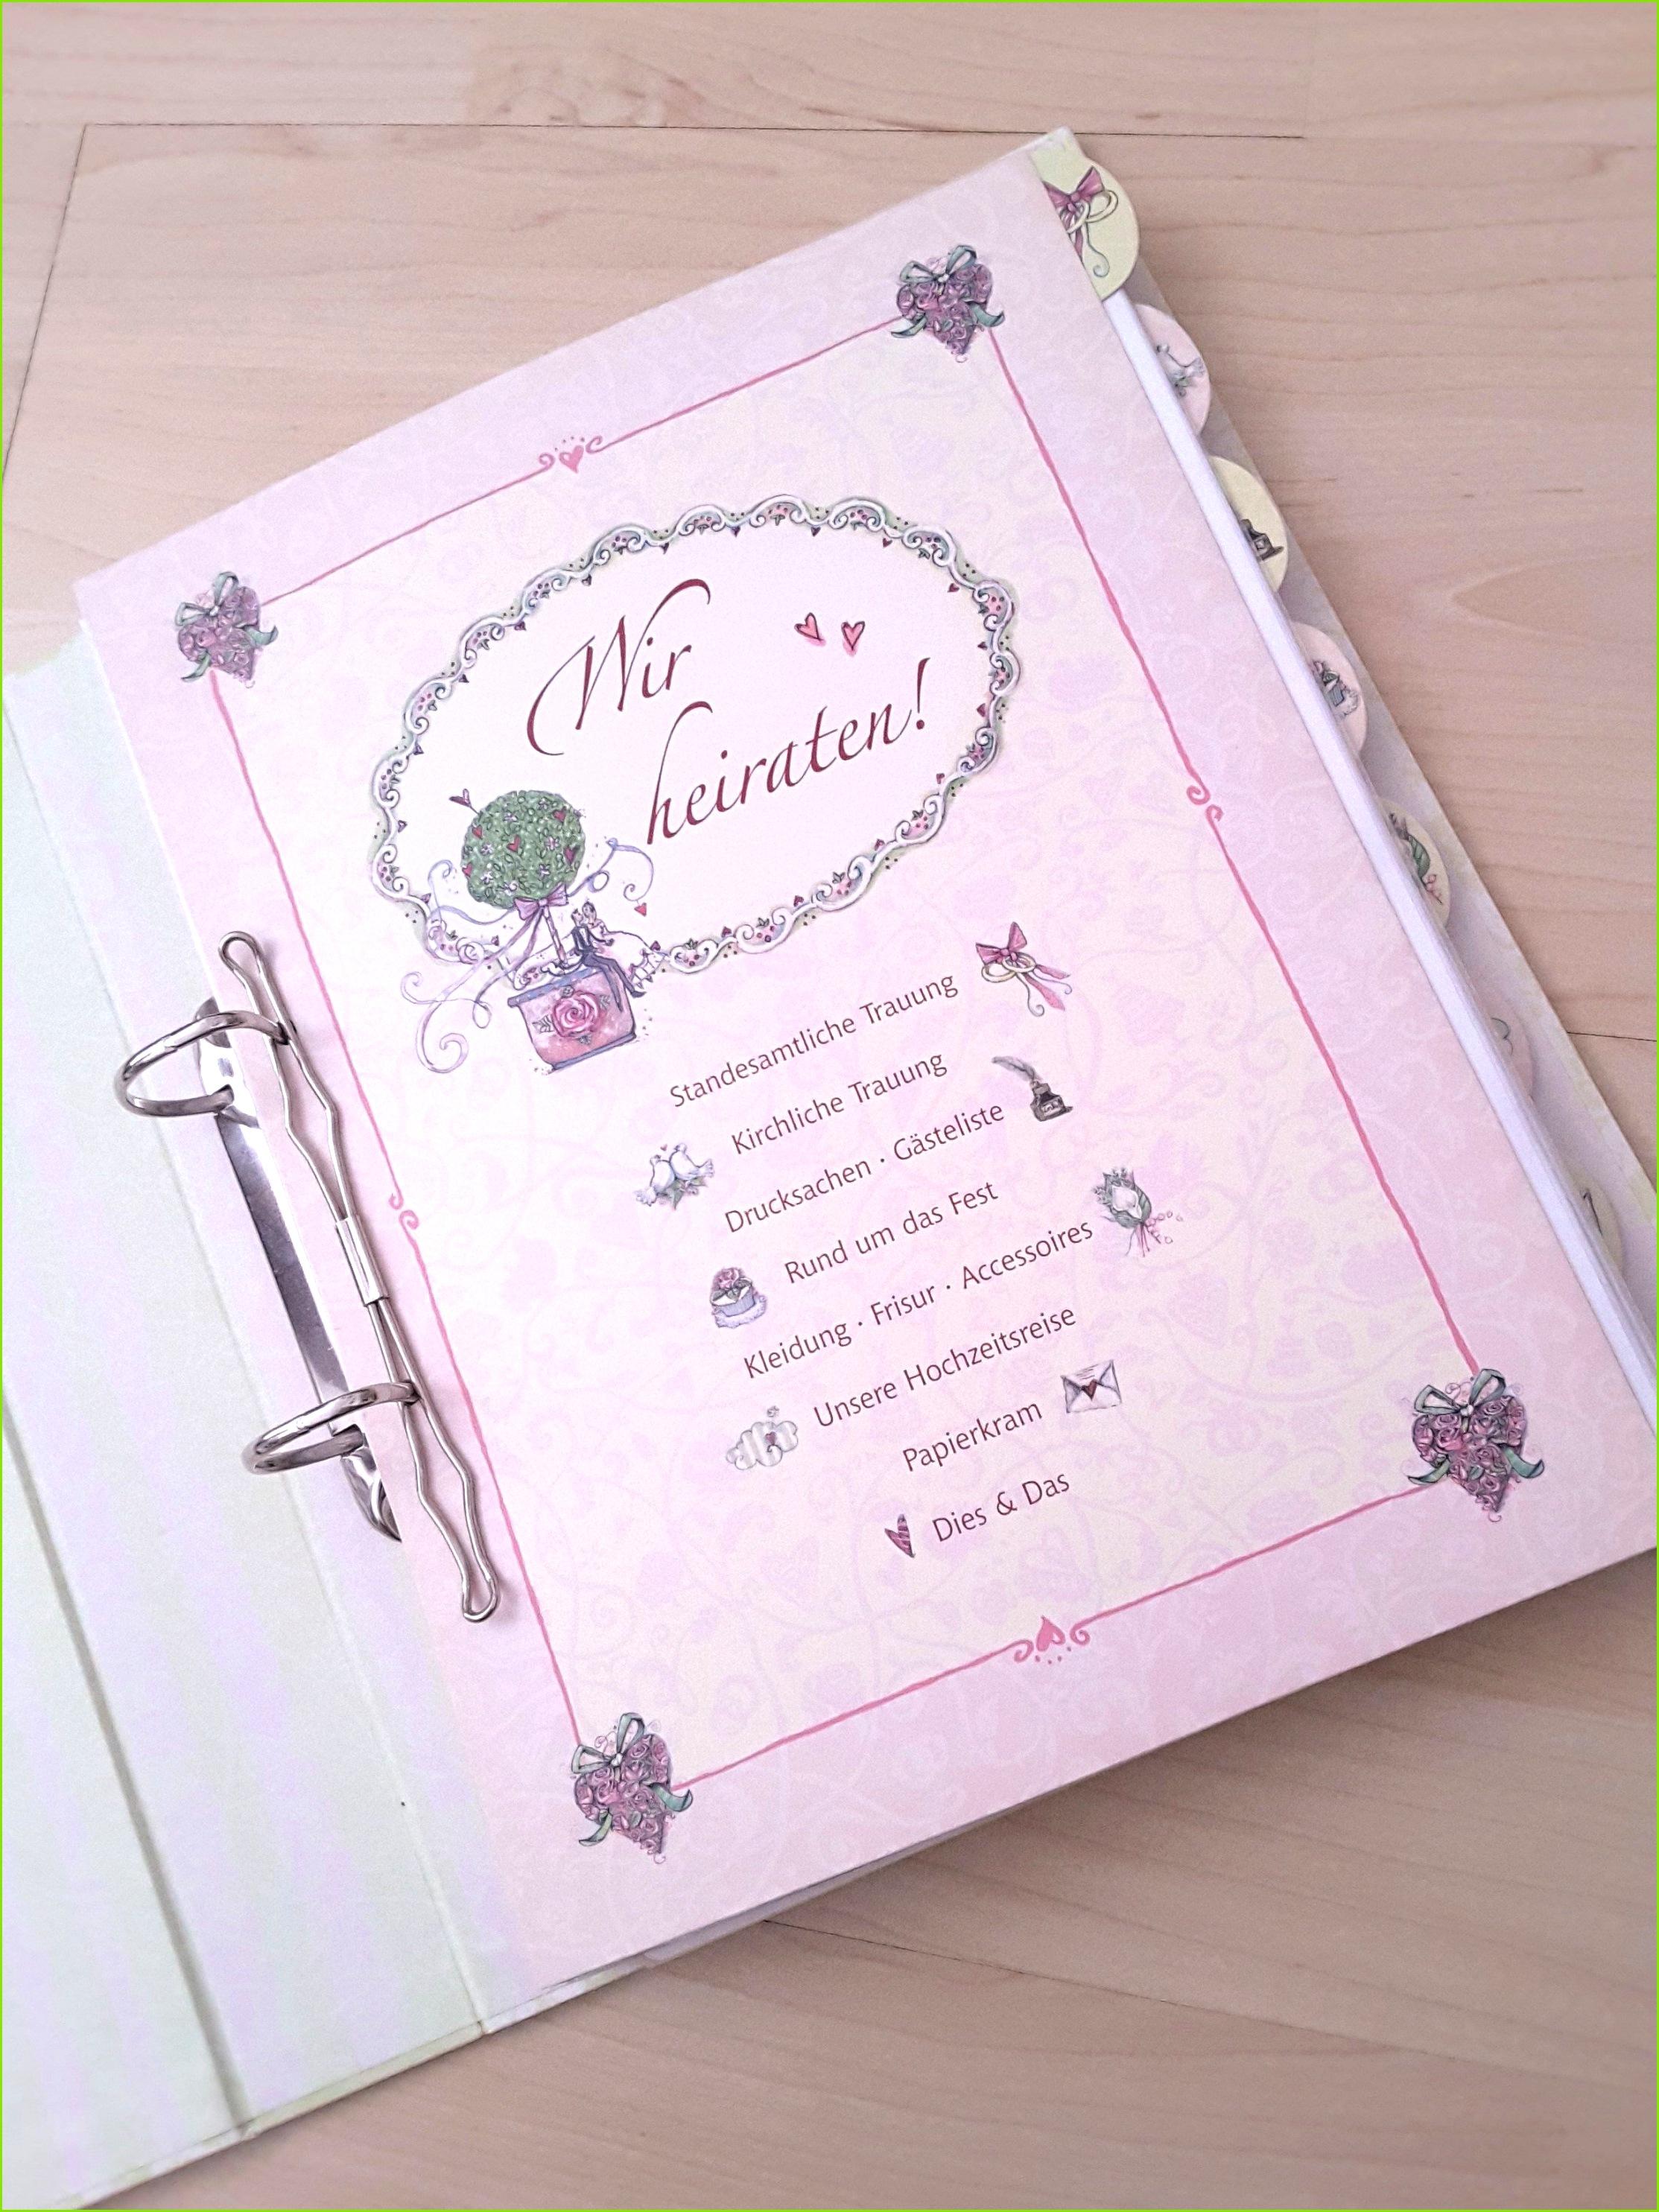 Einladungskarten Vorlagen Geburtstag Einladungskarte Hochzeit Gestalten Sammlungen Media Image 0d 59 82